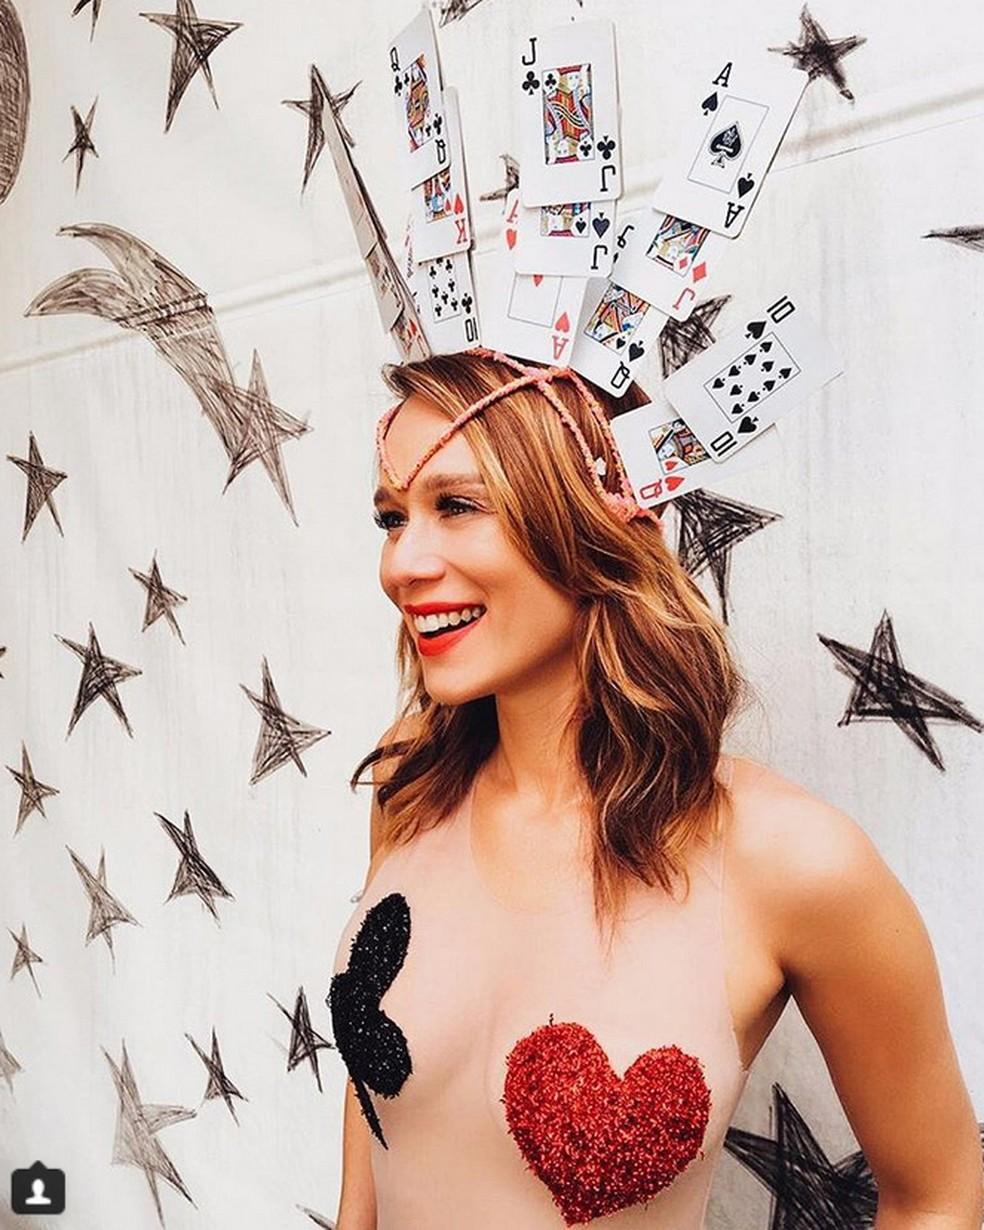 A atriz Mariana Ximenes usou body que simula adesivo nos seios para curtir a folia (Foto: Reprodução/Instagram/Mariana Ximenes)